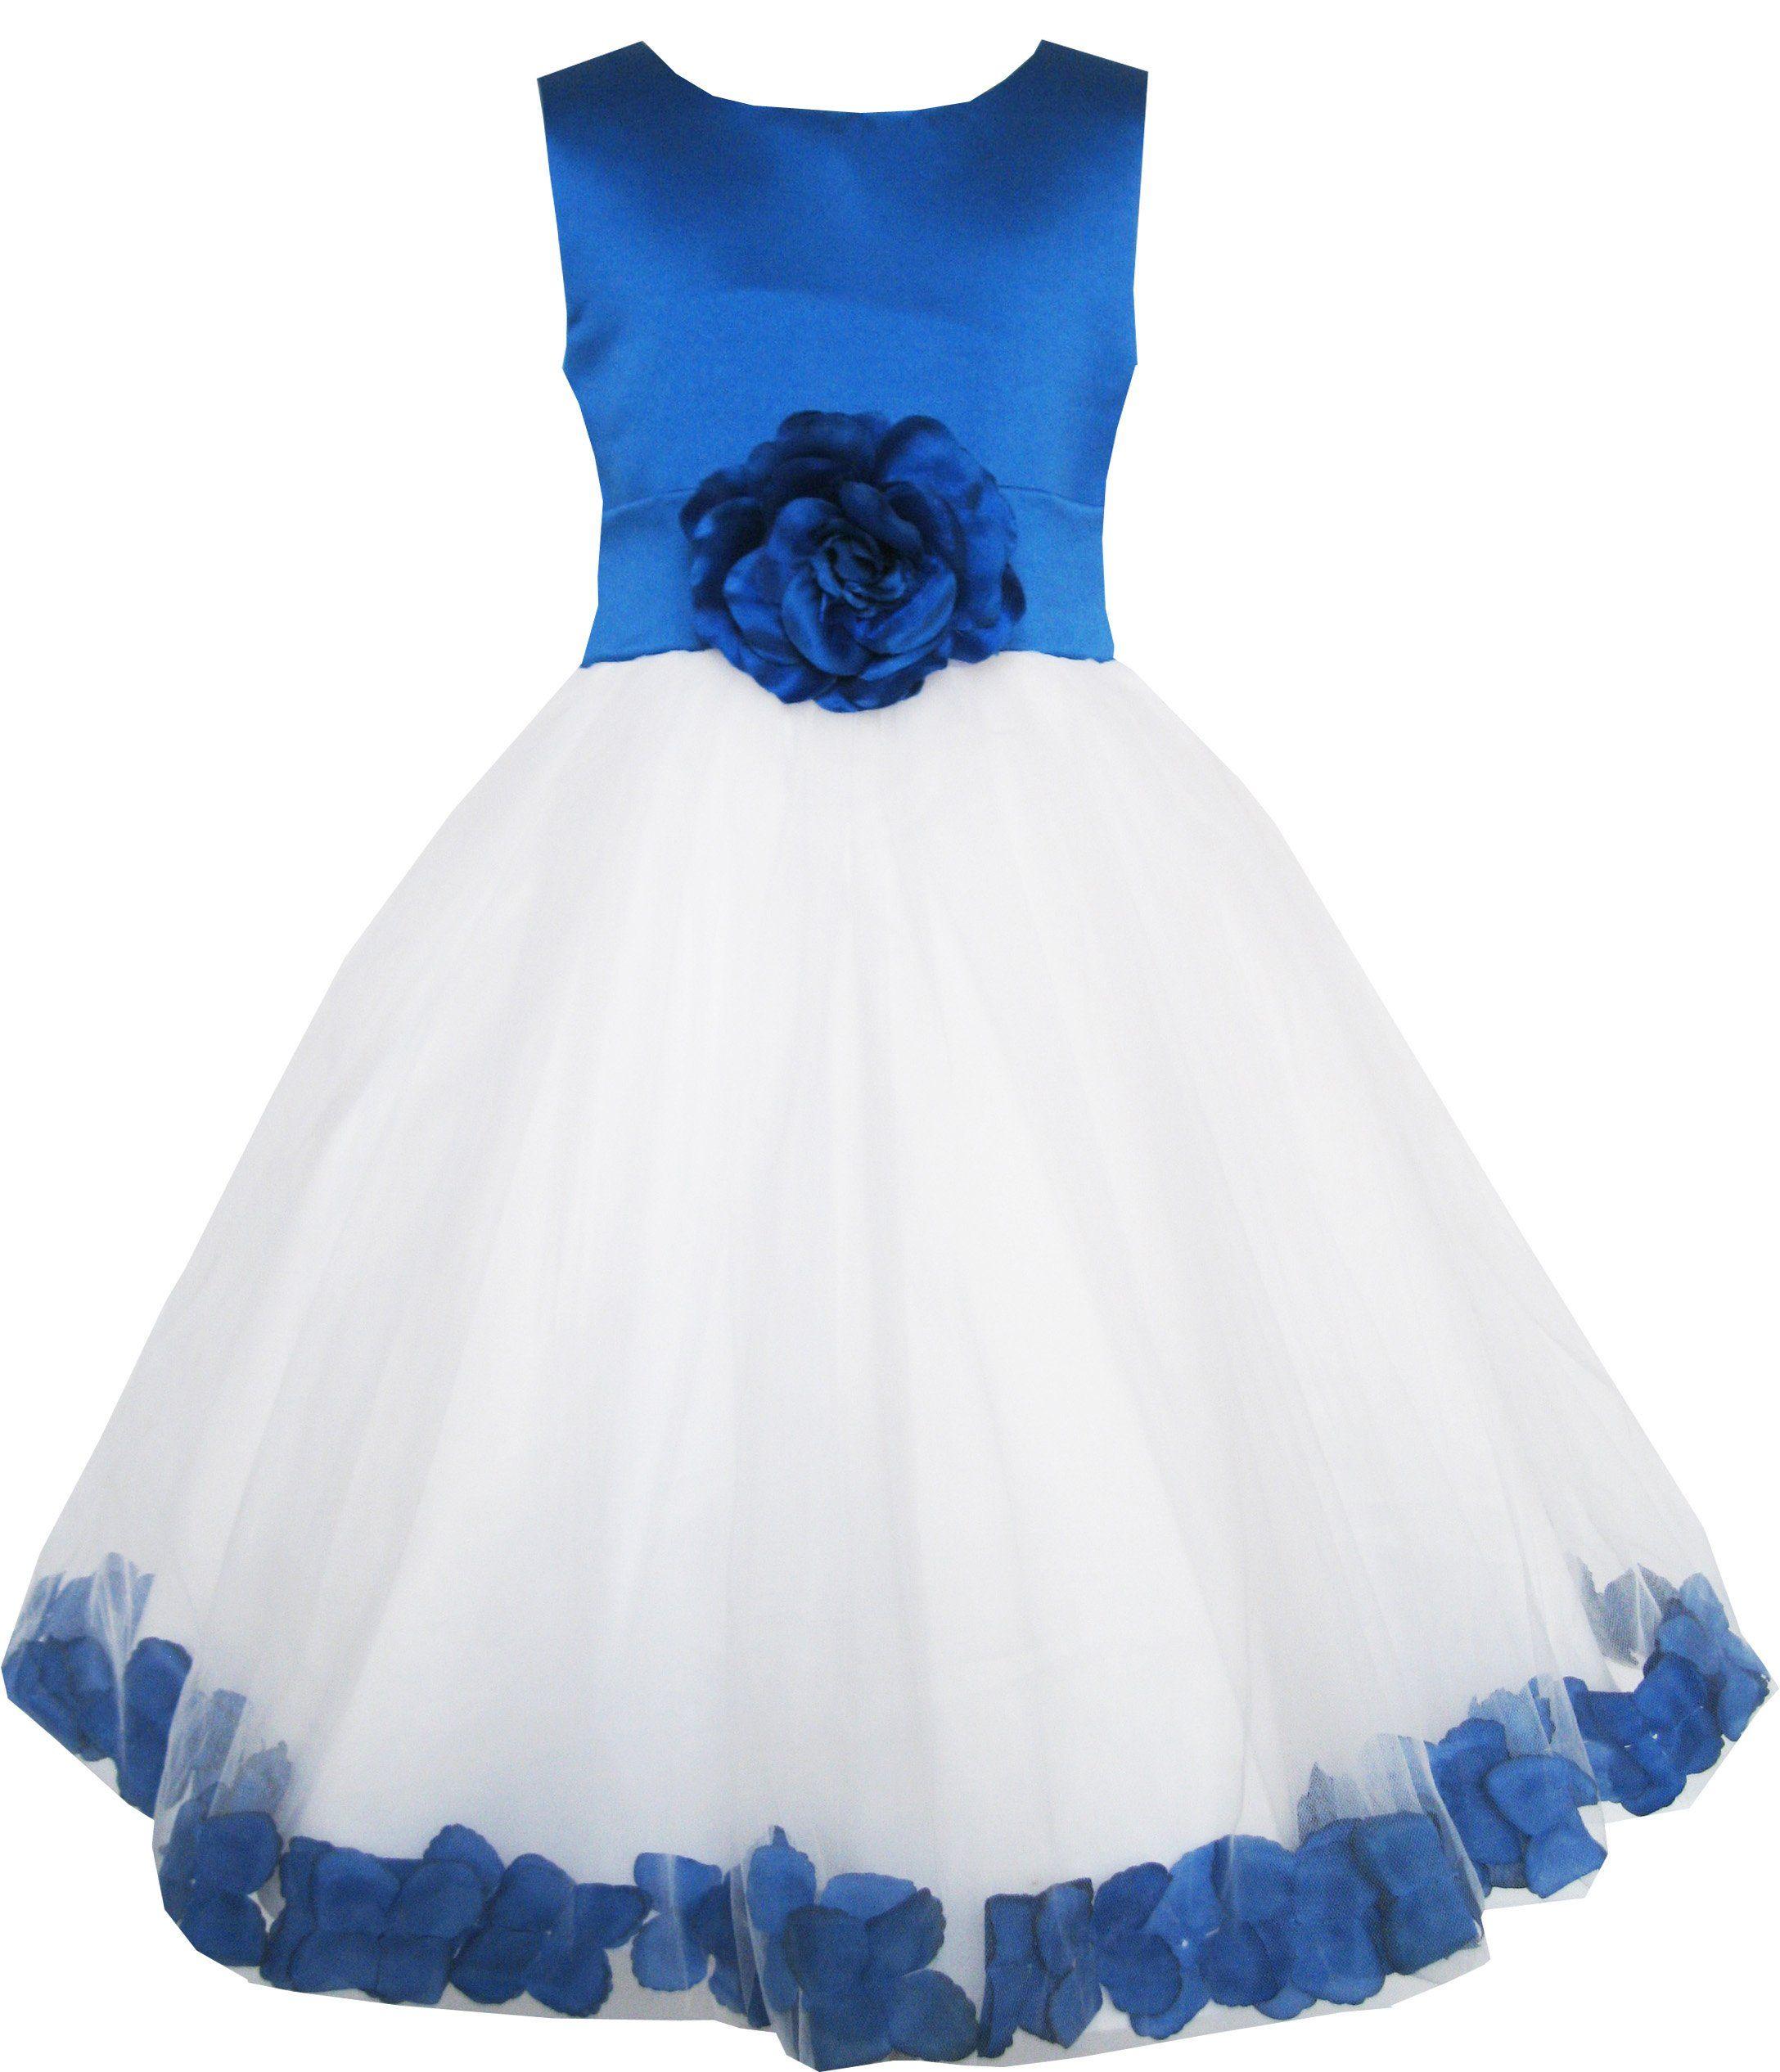 Mädchen Kleid Blau Blume Tüll Hochzeit Festzug Brautjungfer Gr.86-92 ...